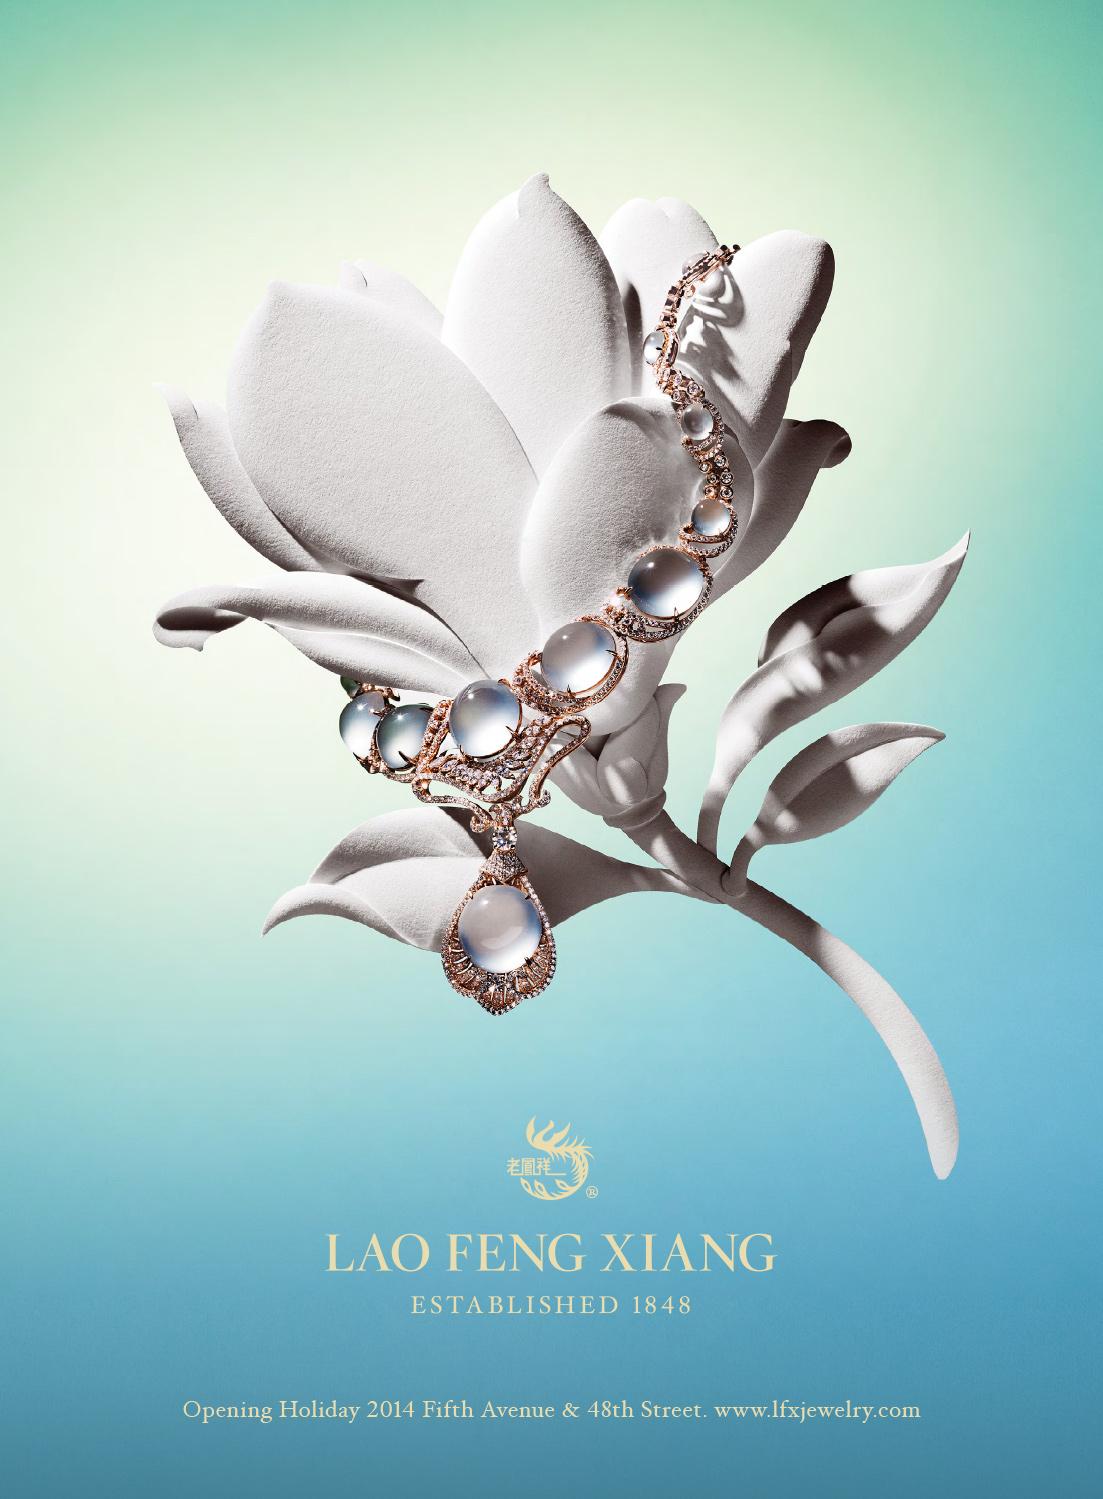 Lao Feng Xiang